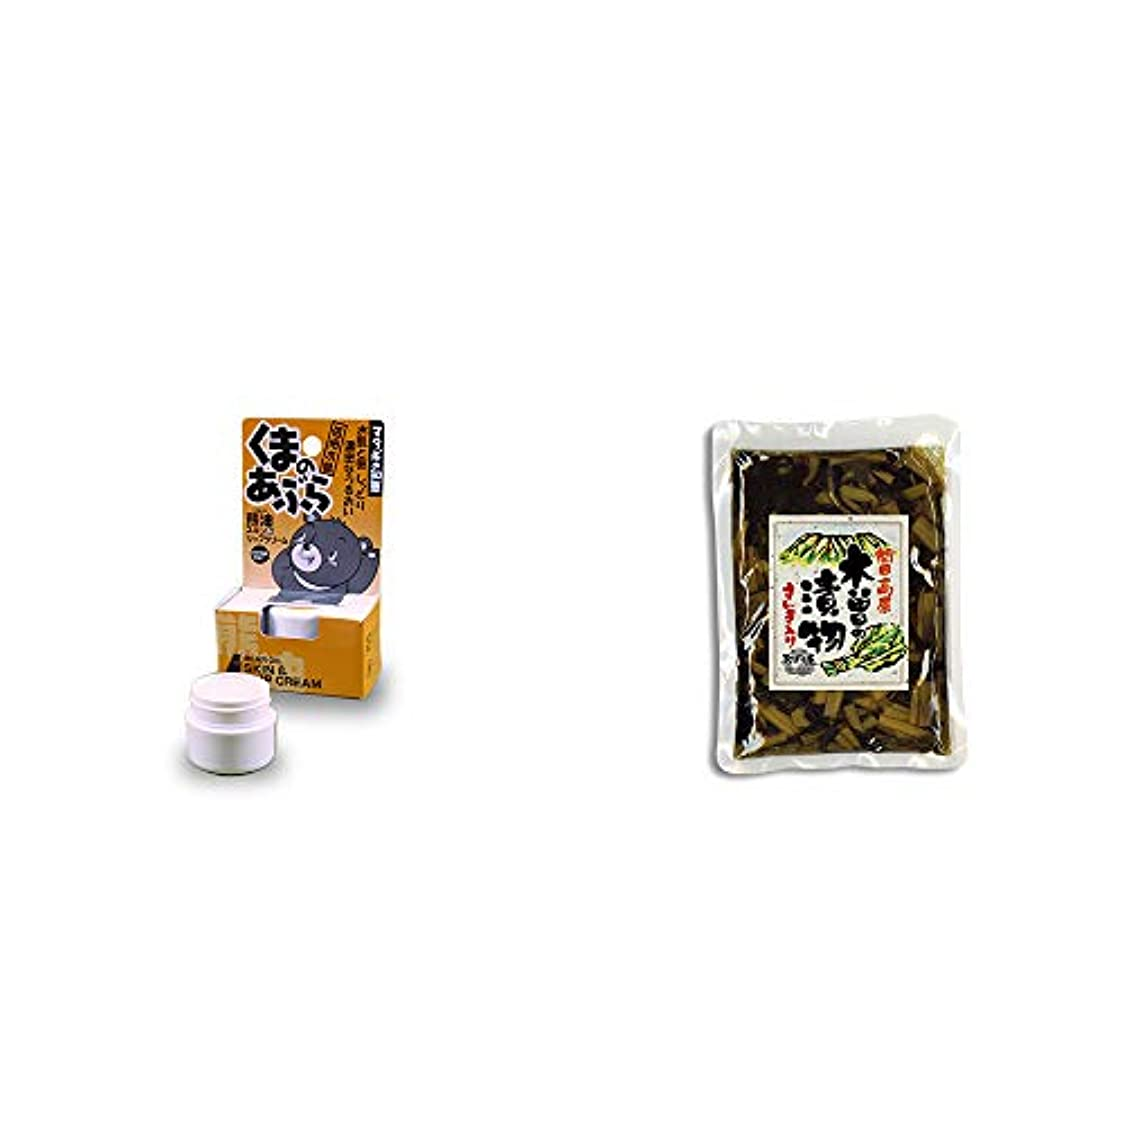 コールマーキー哀れな[2点セット] 信州木曽 くまのあぶら 熊油スキン&リップクリーム(9g)?【年中販売】木曽の漬物 すんき入り(200g) / すんき漬け味付加工品 //